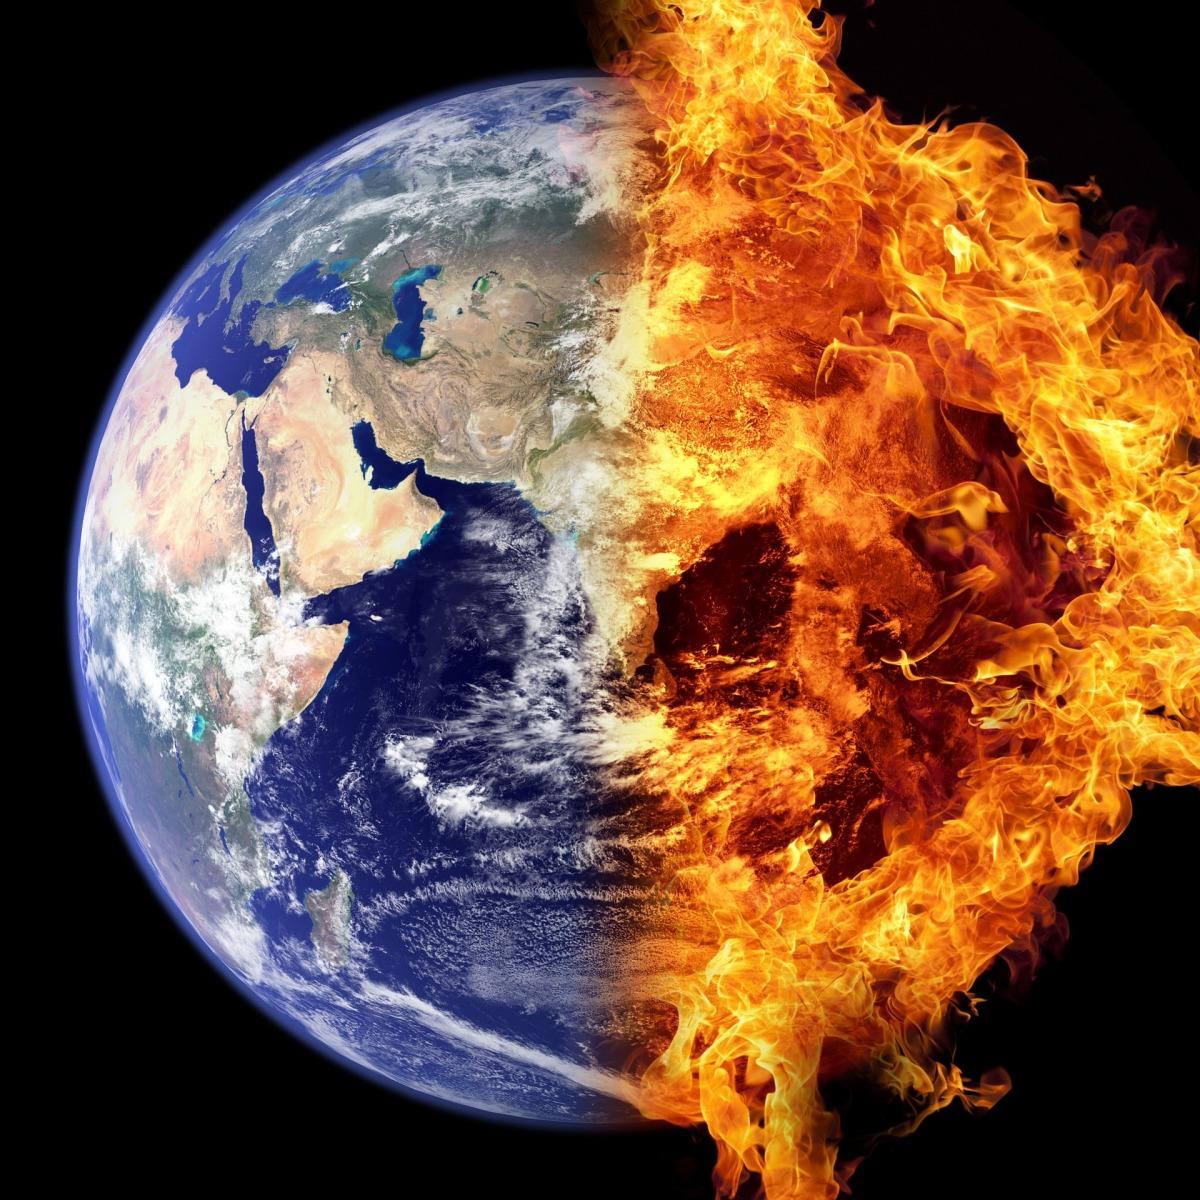 Dear Earthlings